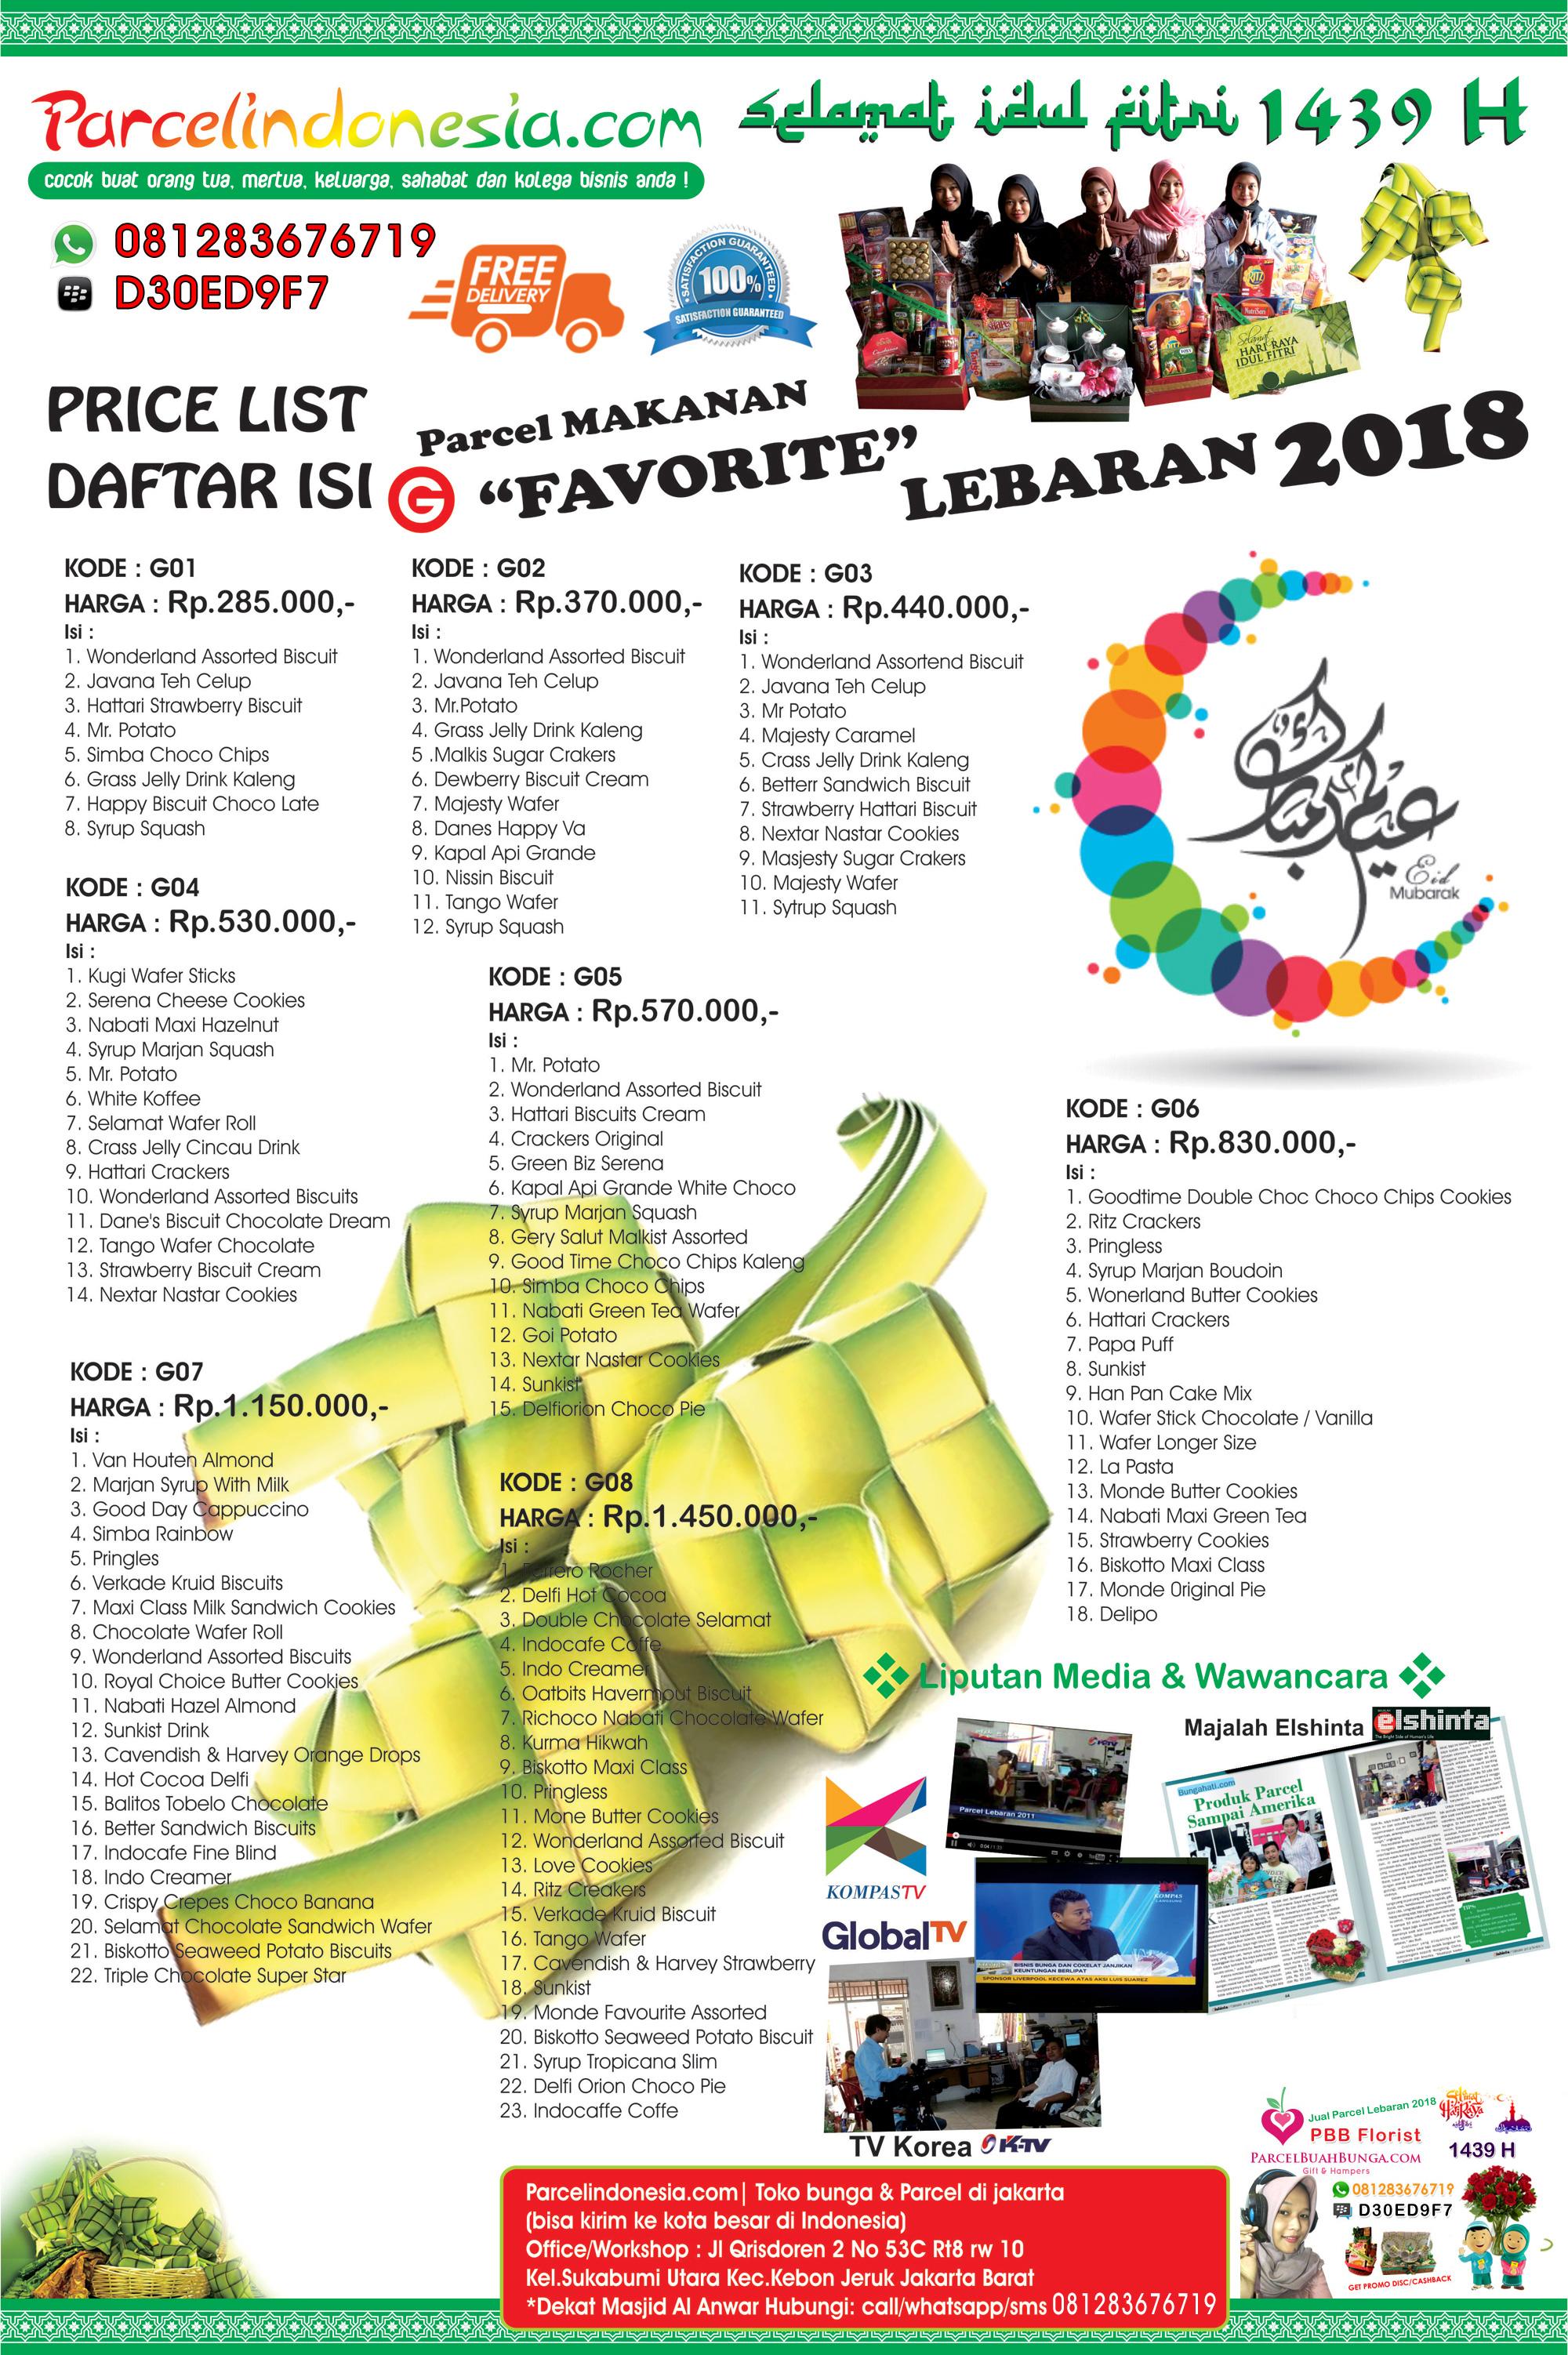 Brosur Katalog Parcel Lebaran 2018 Model Terbaru Update Call Wa 081283676719 Parcel Natal 2020 Dan Tahun Baru 2021 Di Jakarta Dan Hampers Christmas 2020 And Bingkisan New Year 2021